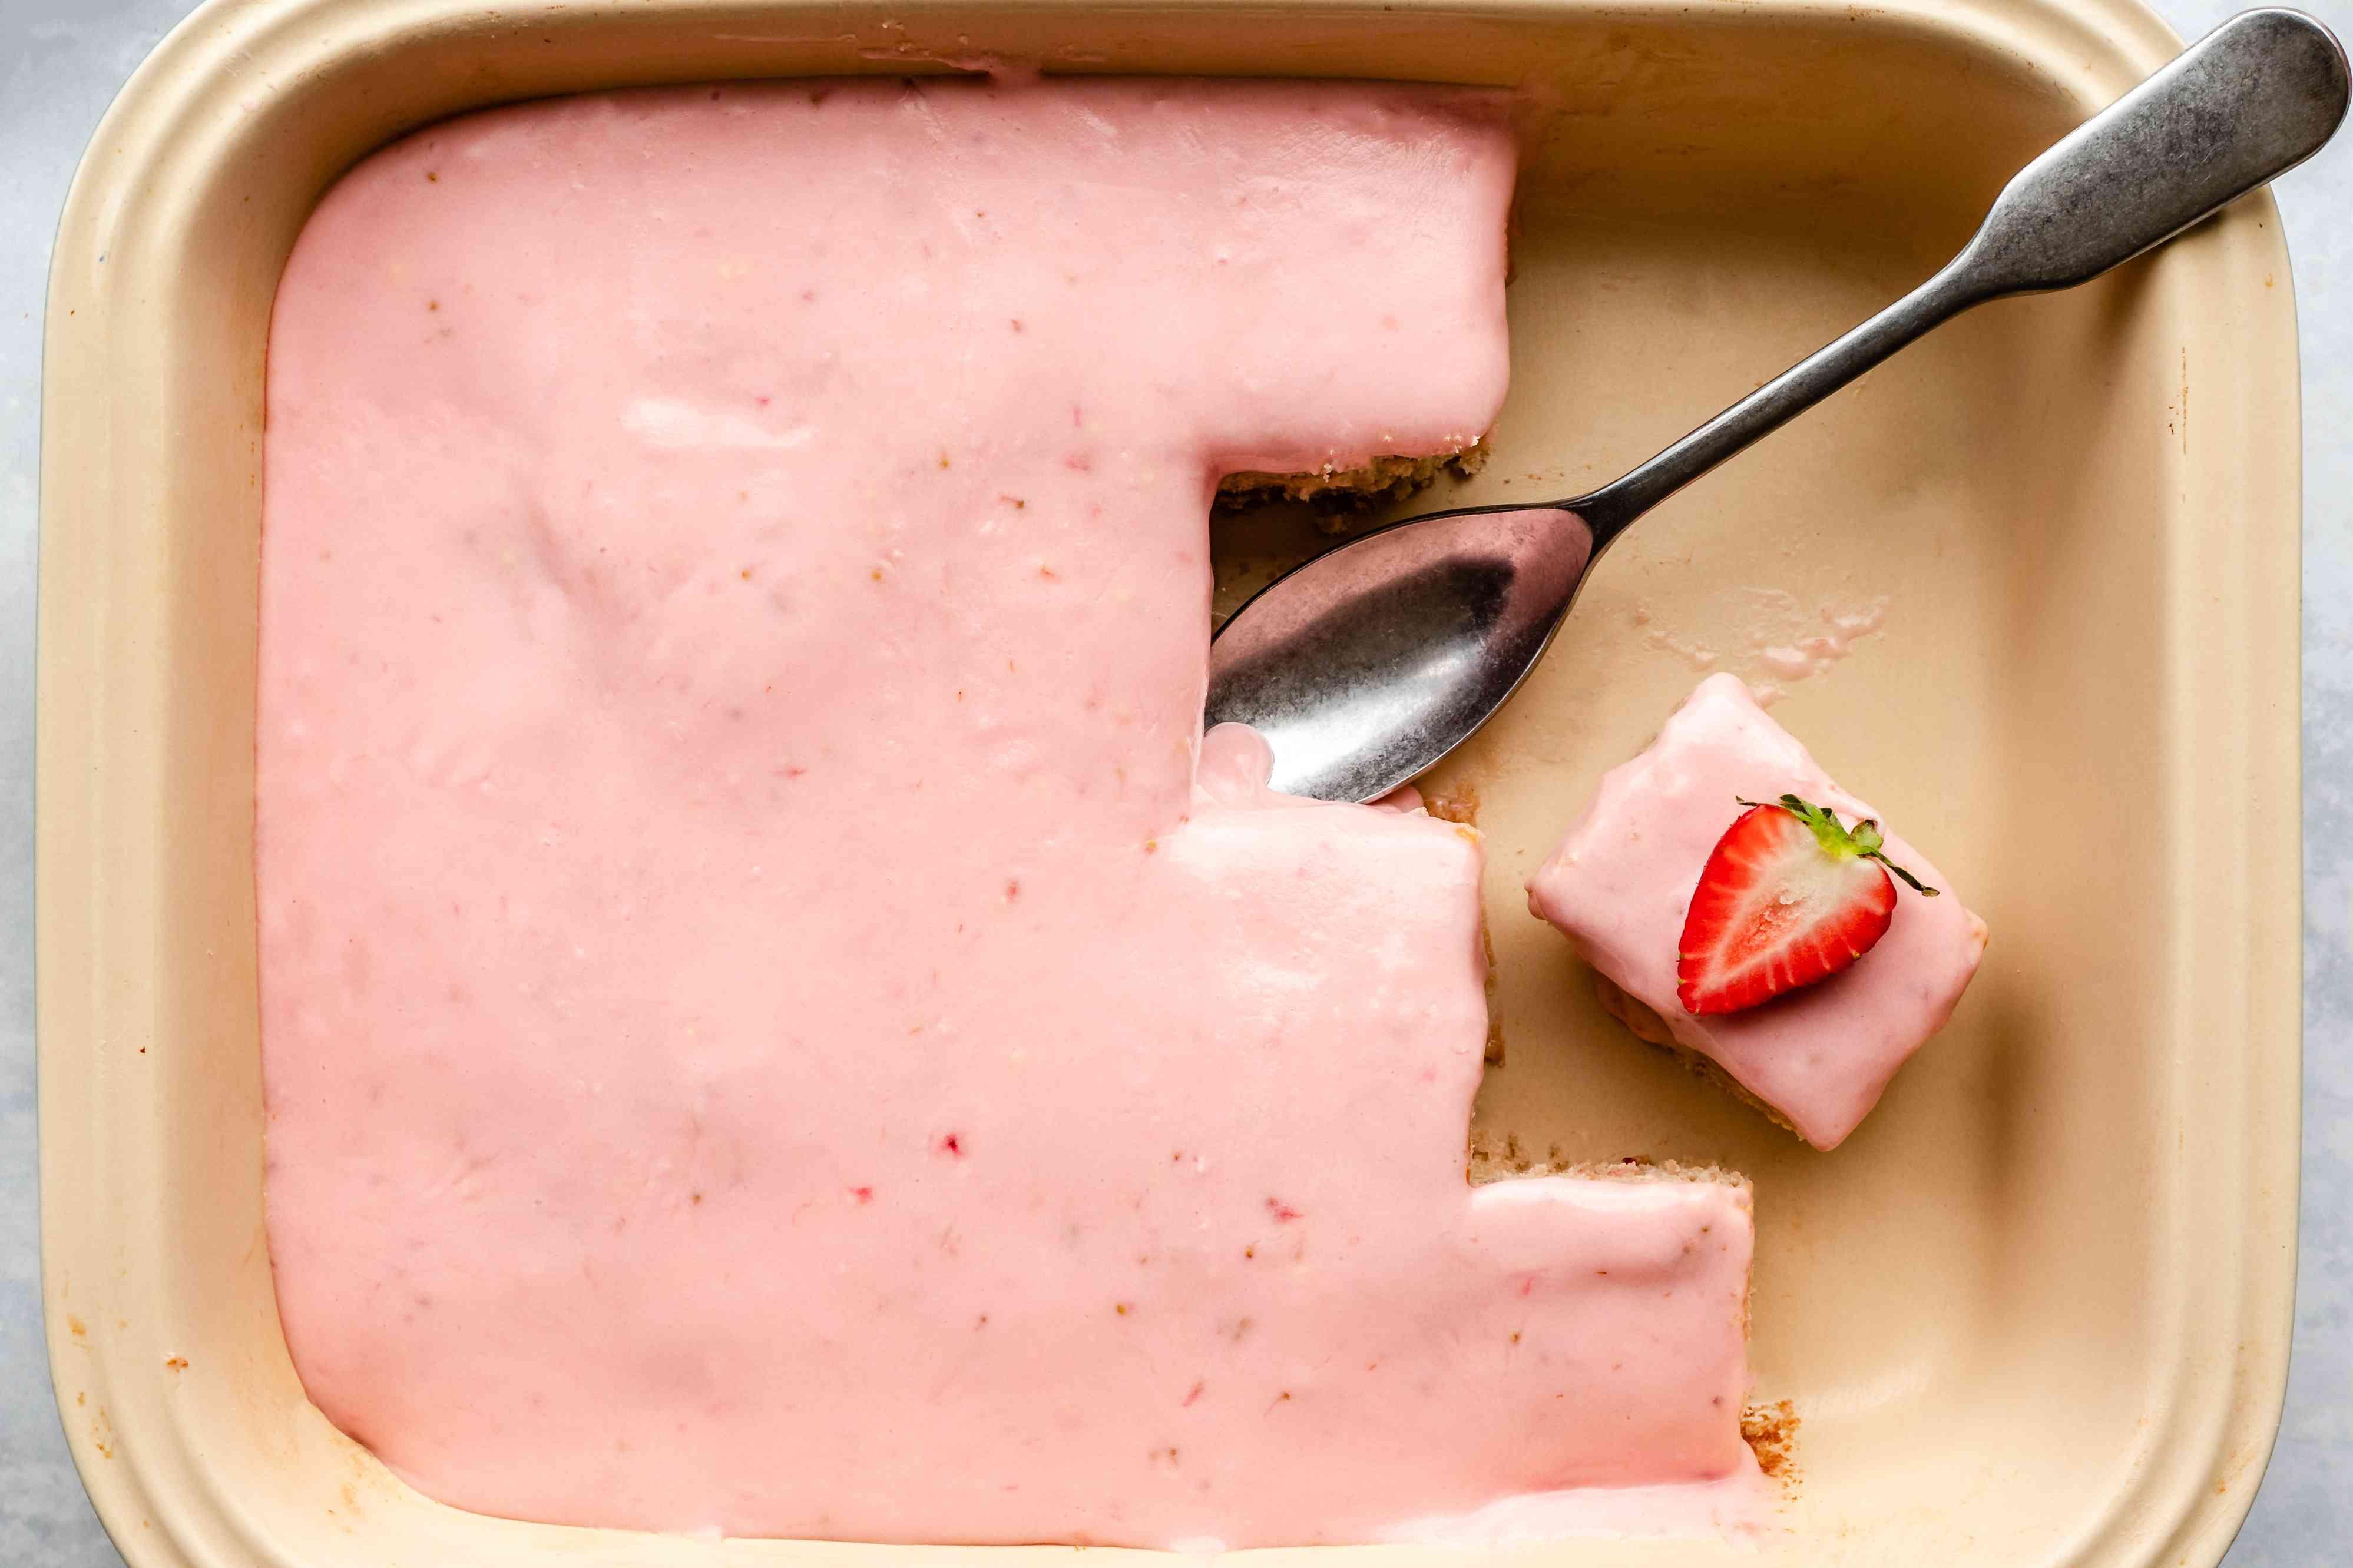 Serve strawberry cake